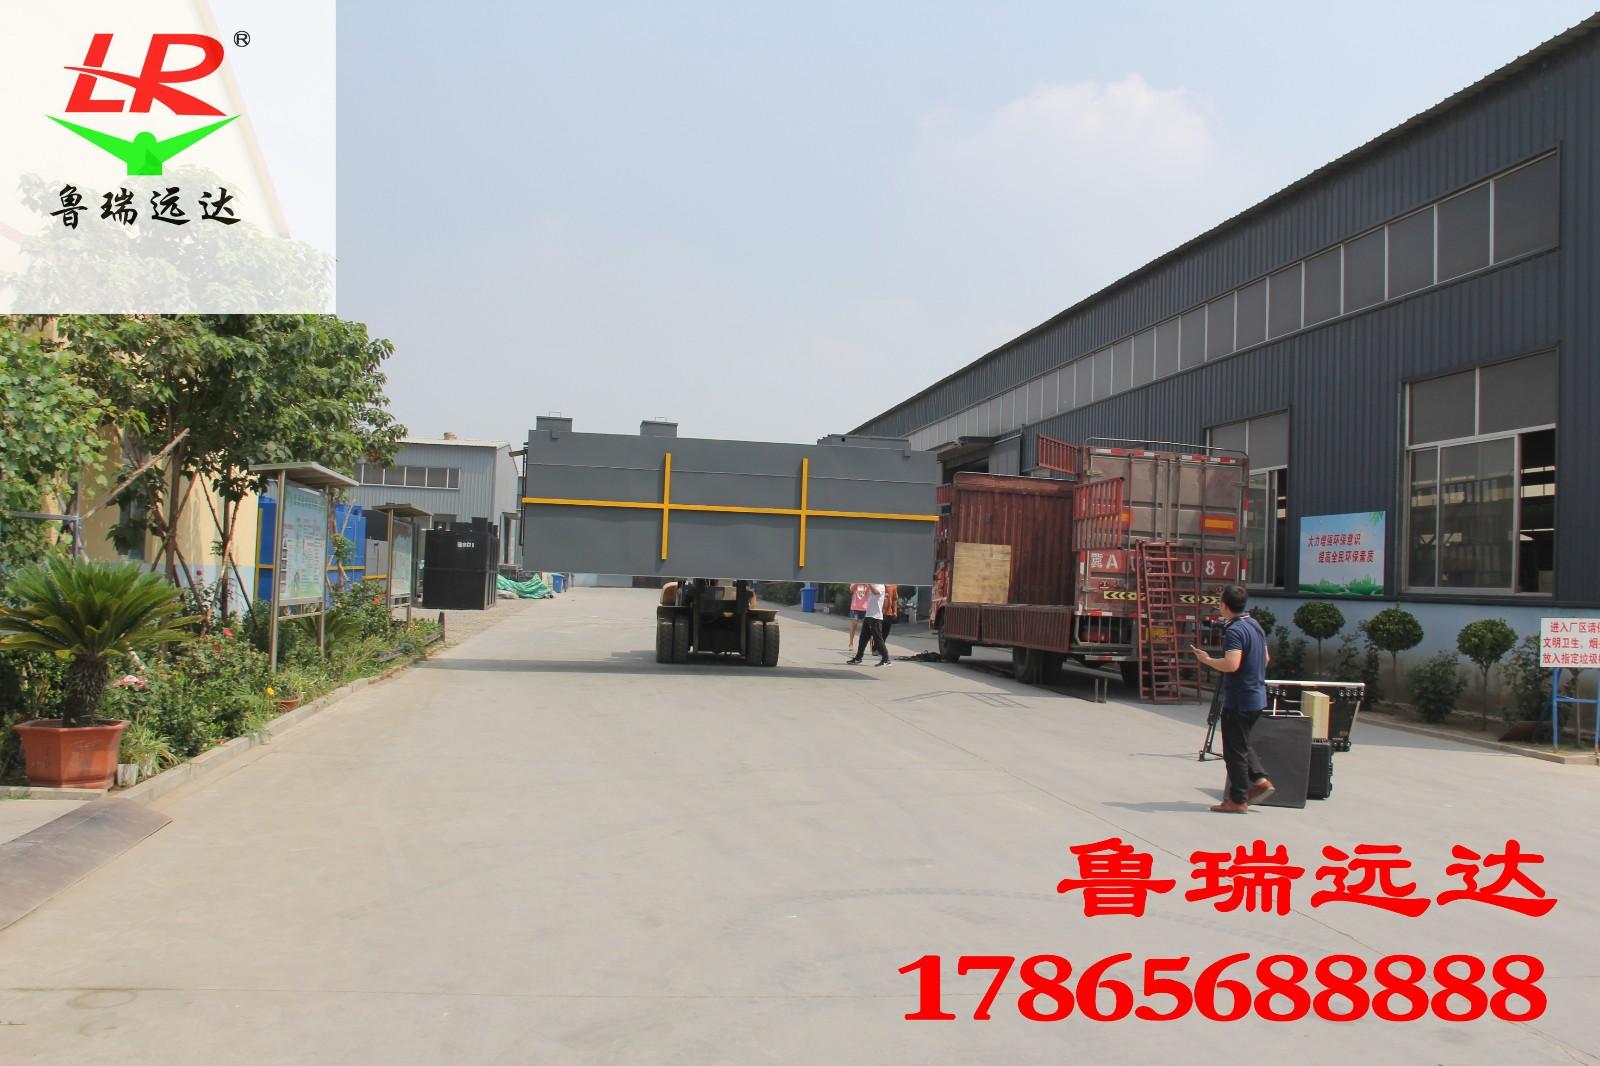 山东潍坊嘉乐塑料清洗污水处理设备在线咨询